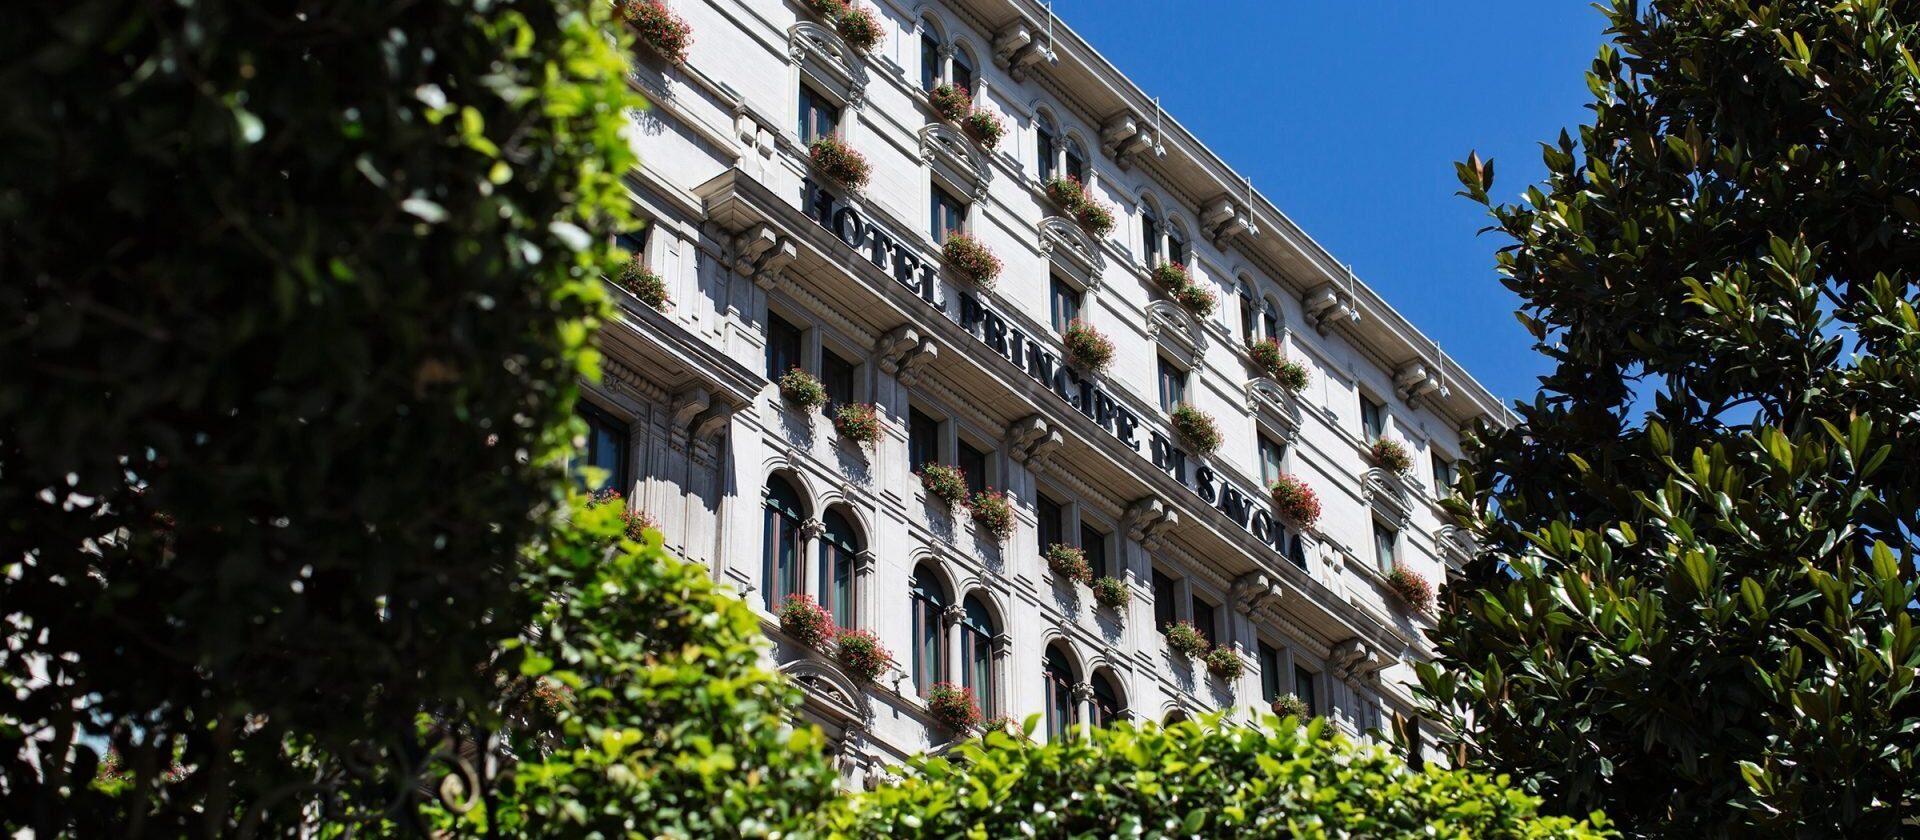 Hotel Principe di Savoia Facade day